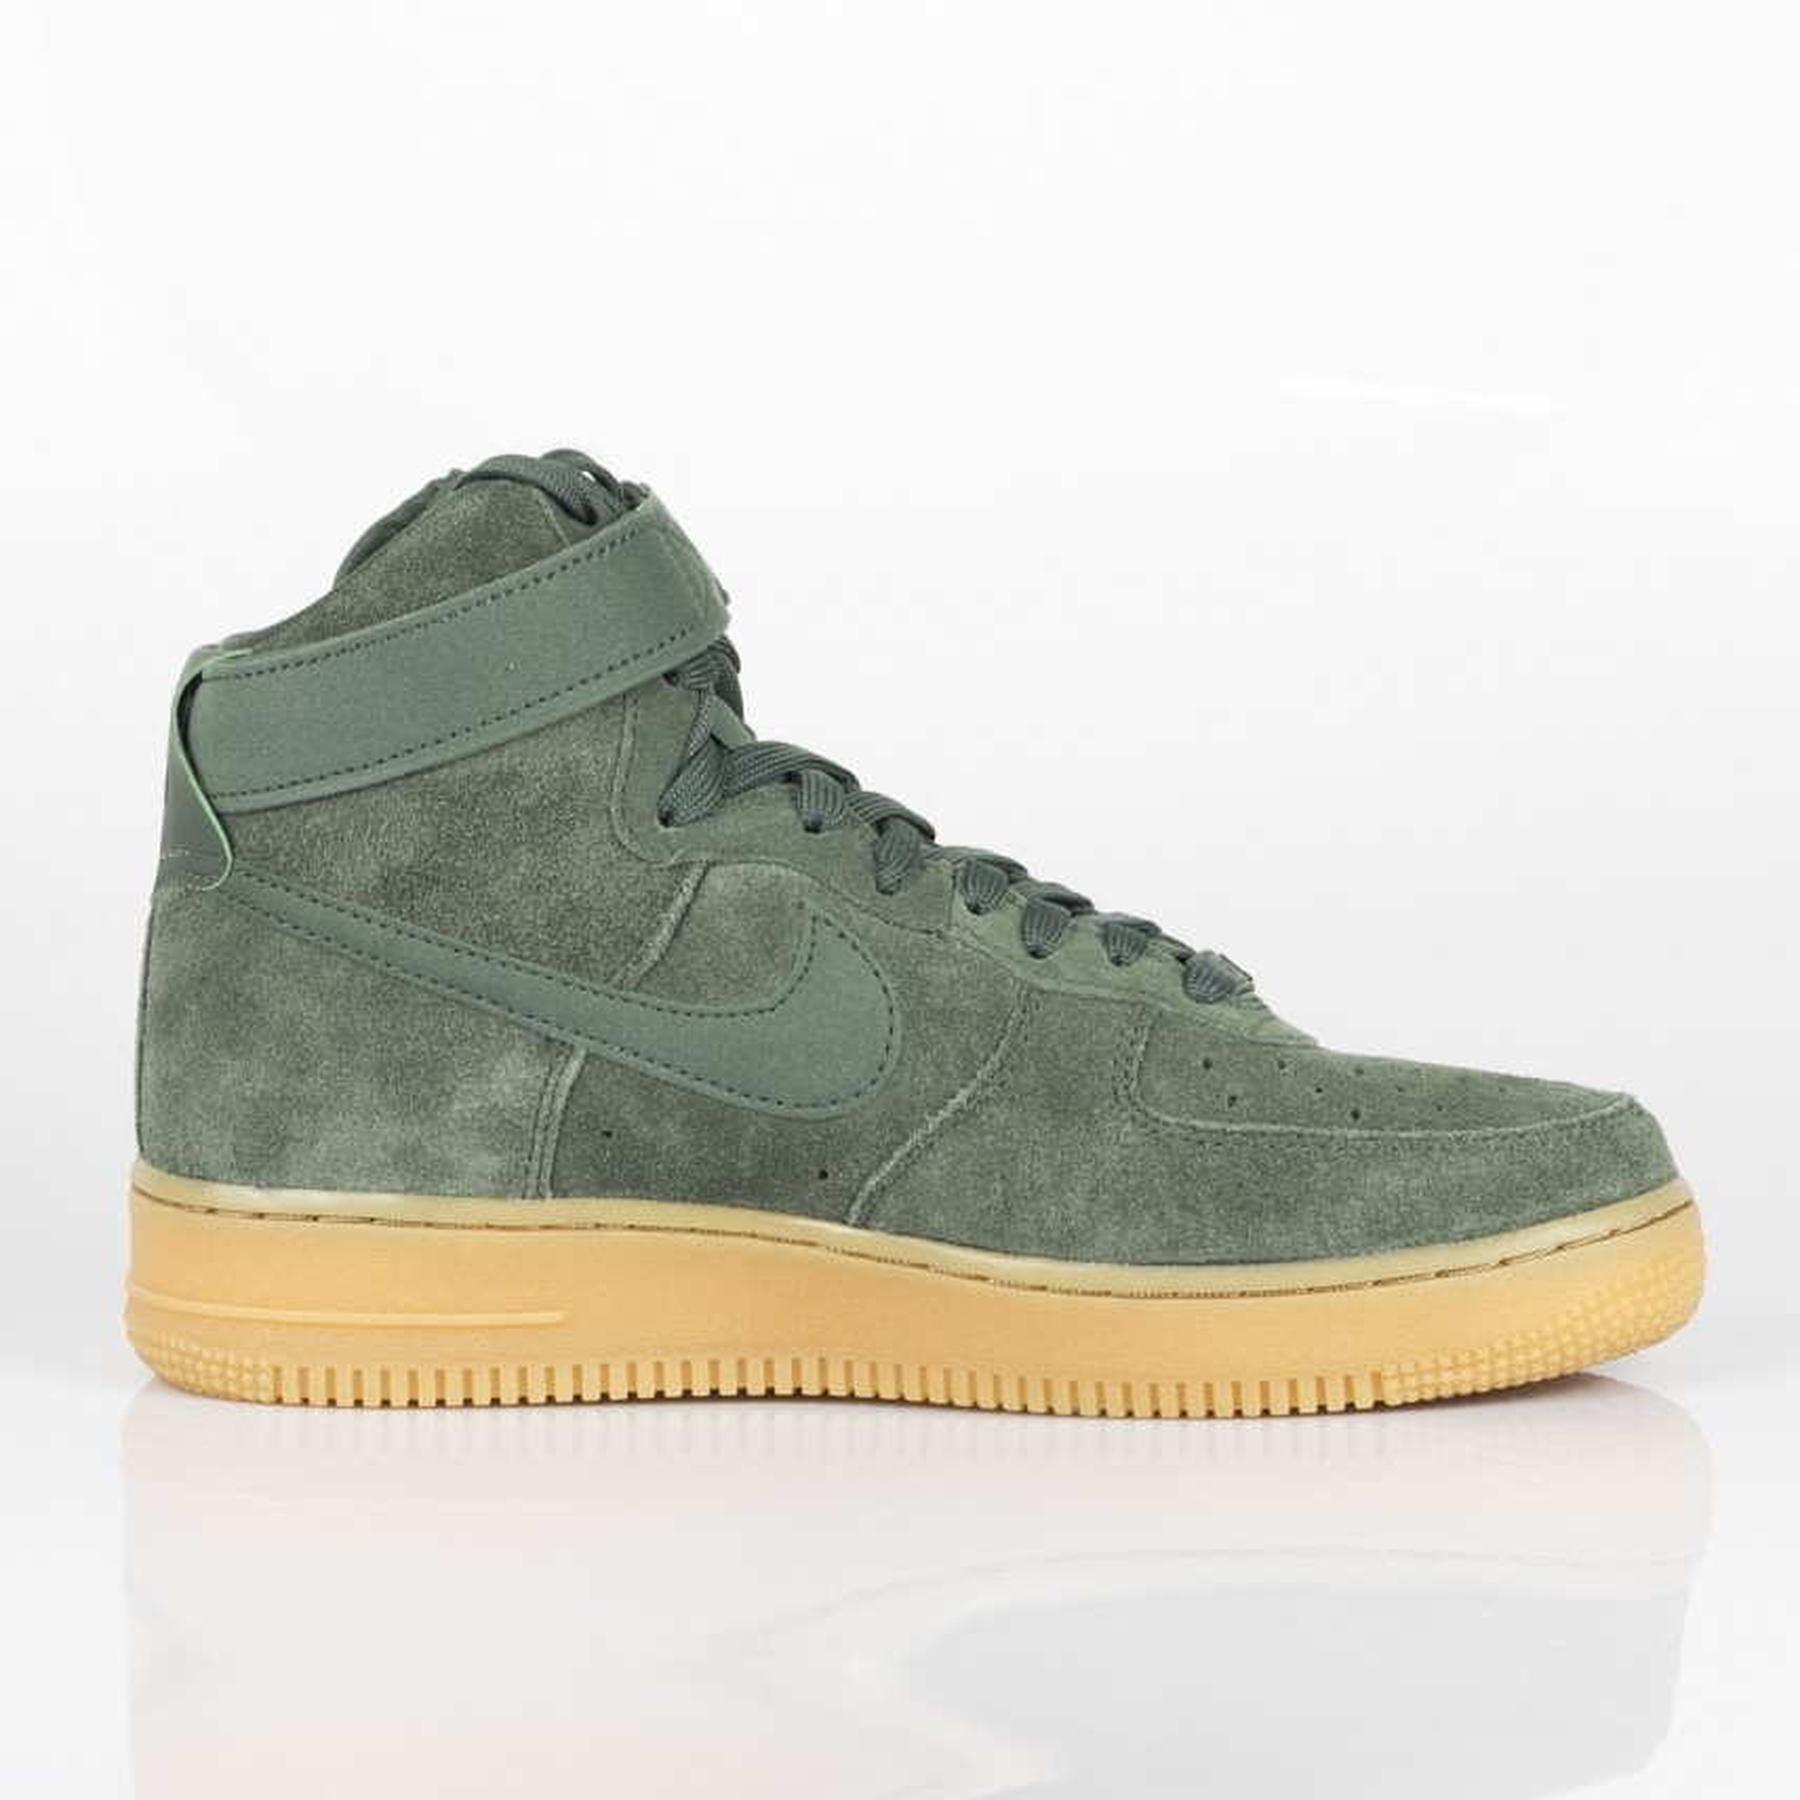 Sneaker alte Nike Air Force 1 high beige, scarpe per ragazzi